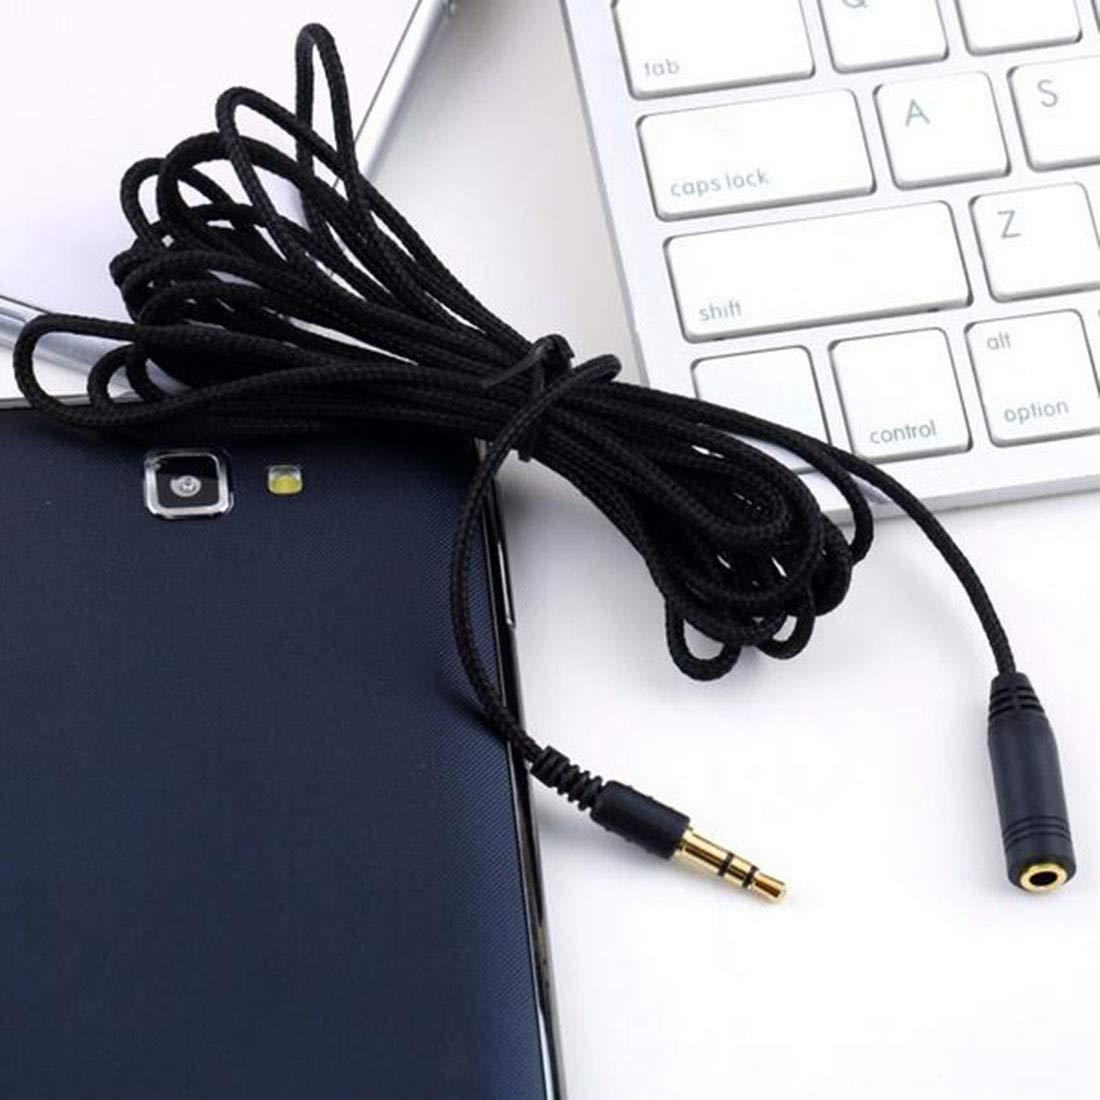 3,5 mm Macho A Hembra Auricular Auriculares Est/éreo Cable De Extensi/ón De Audio Port/átil Cable De Audio